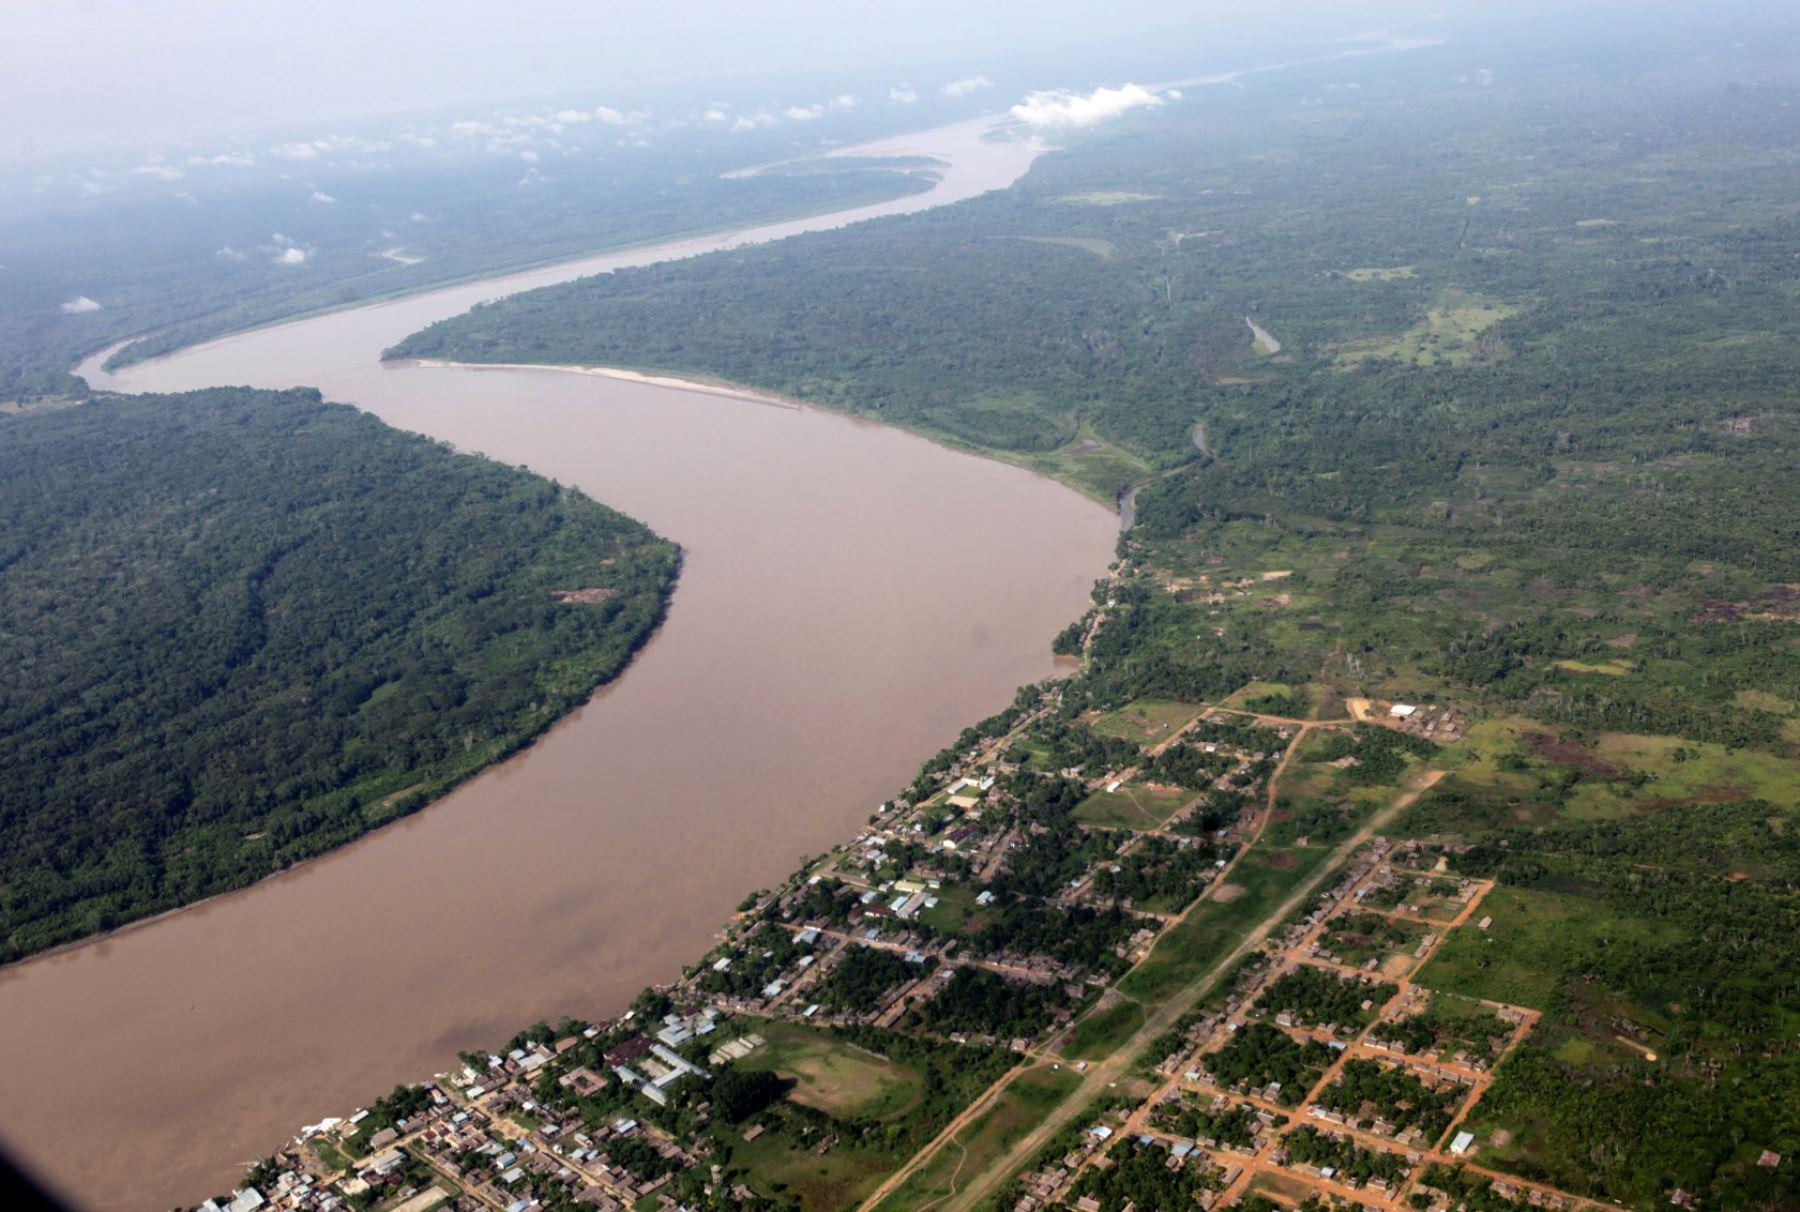 Los ríos amazónicos Marañón y Napo se encuentran en alerta roja tras registrar un continuo aumento de su caudal, informó el Servicio Nacional de Meteorología e Hidrología (Senamhi). ANDINA/Difusión